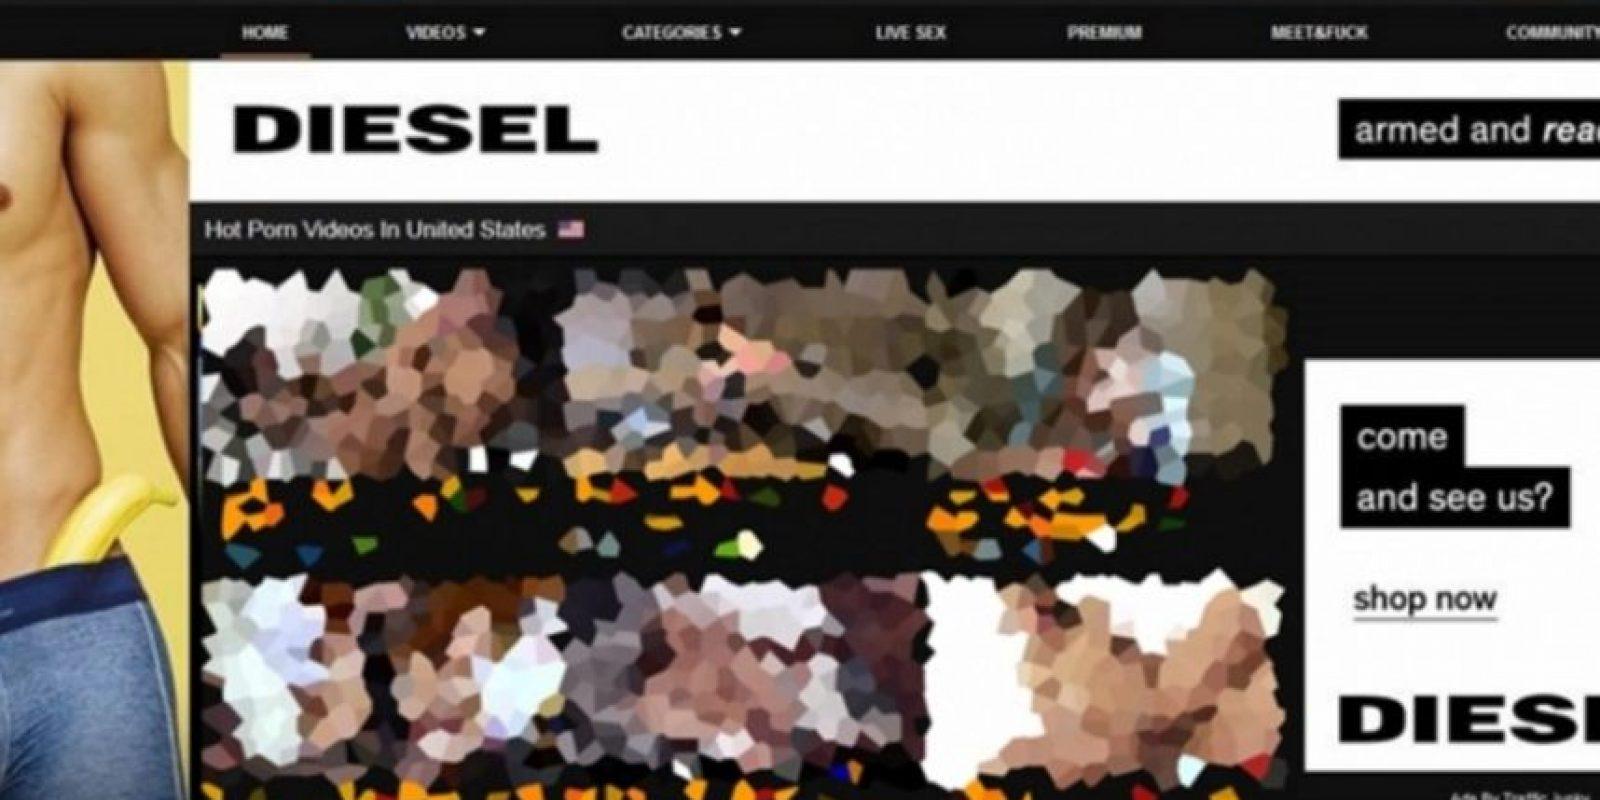 Así se ven los anuncios de Diesel en Pornhub. Foto:Diesel